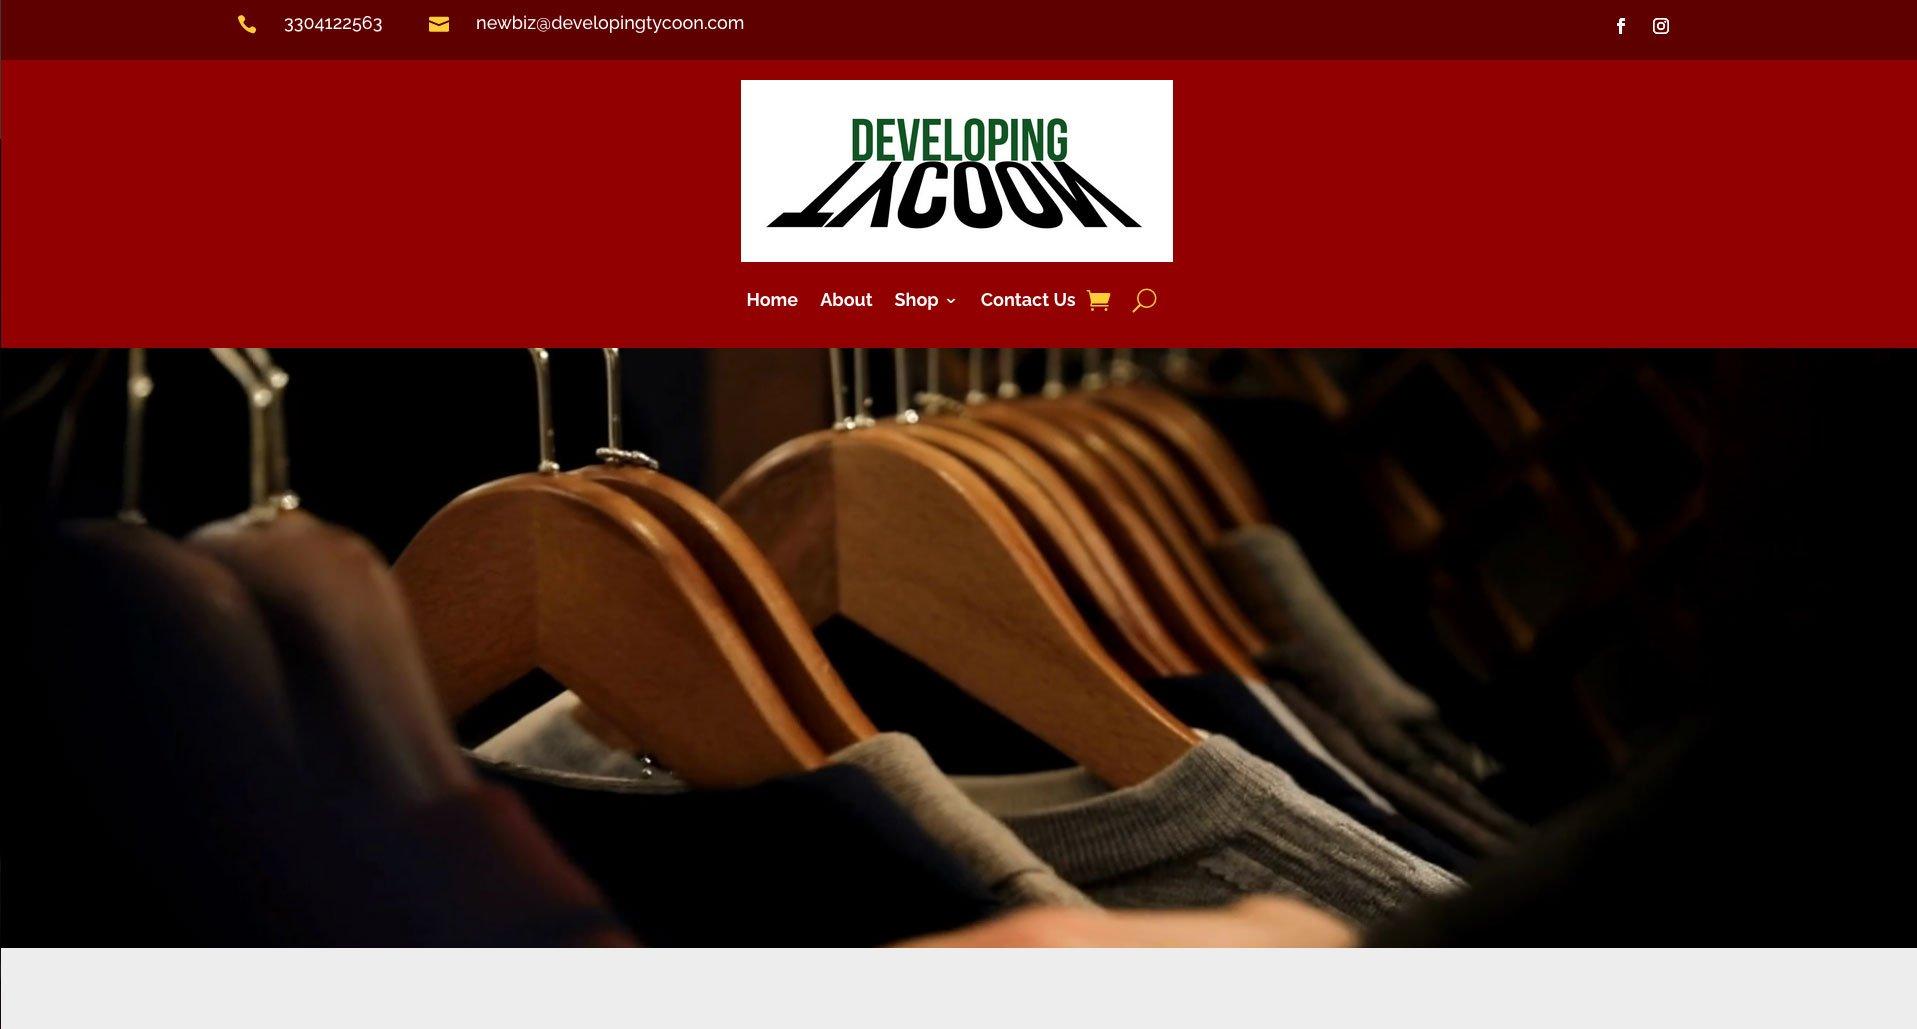 cleo homepage screenshot